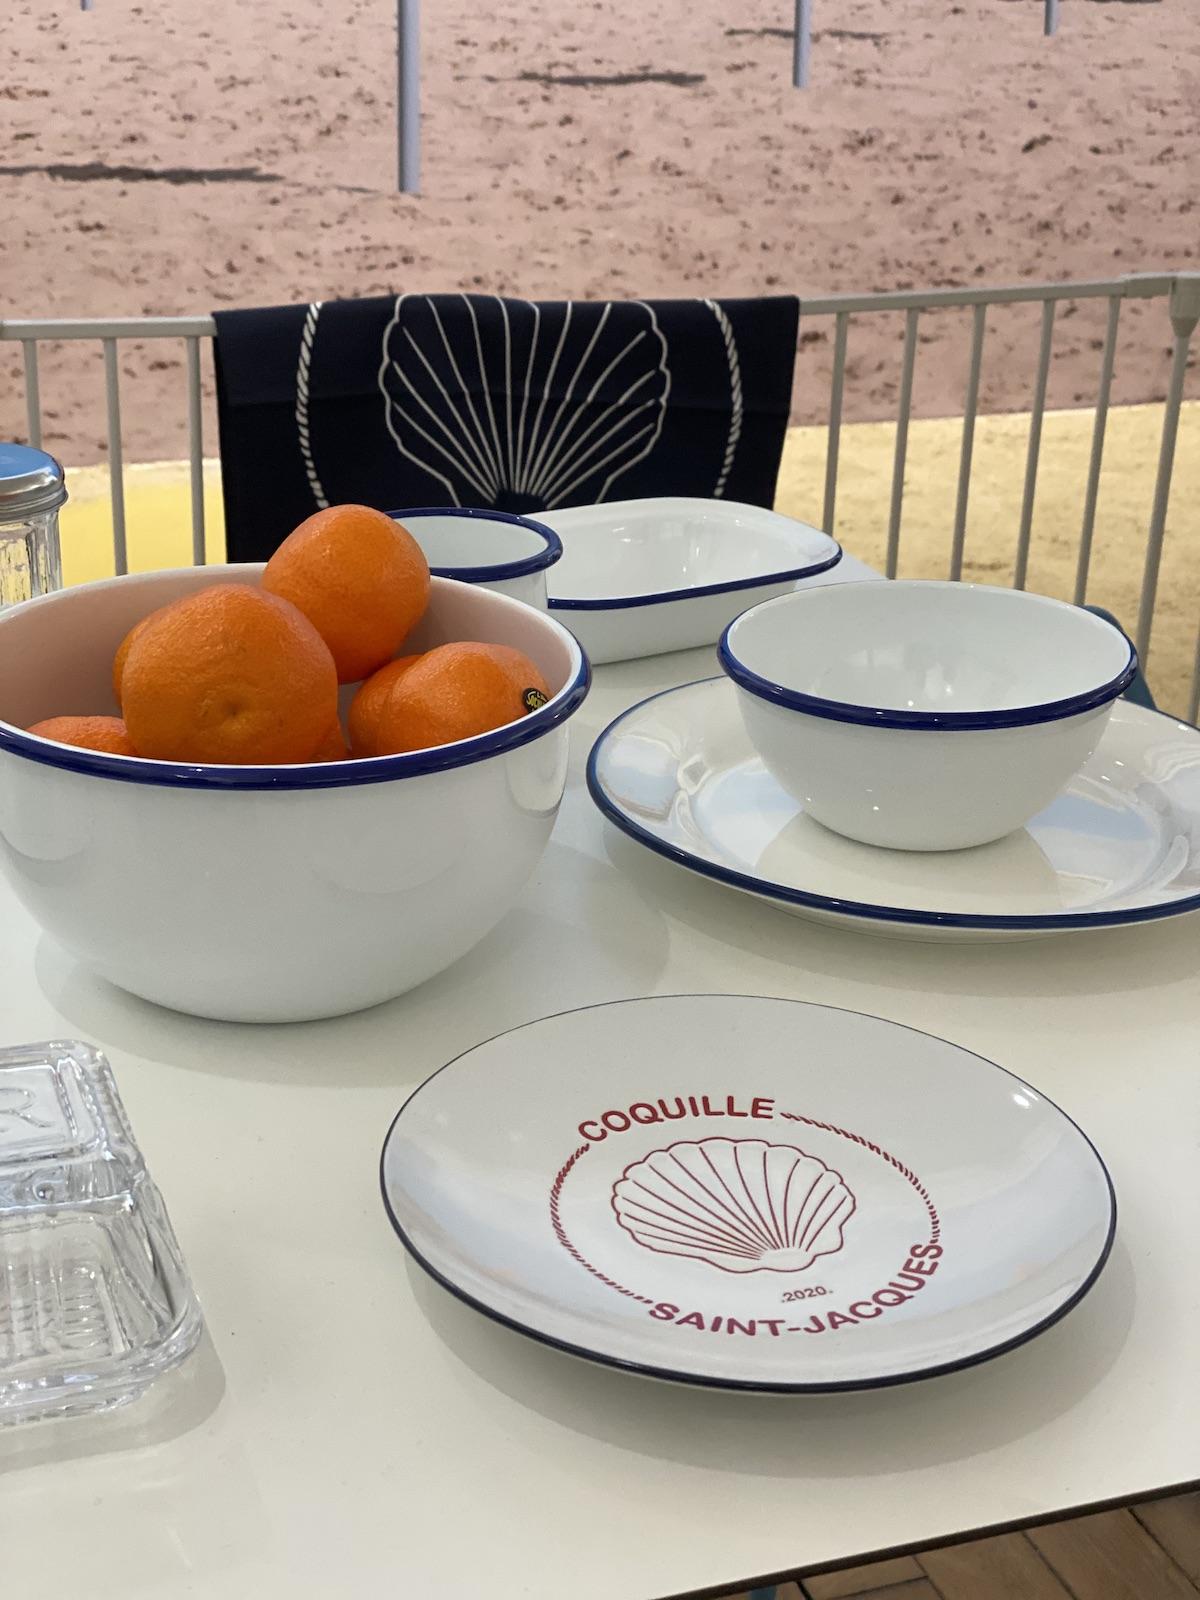 saladier tendance plage blanc bleu clémentine assiette coquille saint jacques - blog déco - clematc